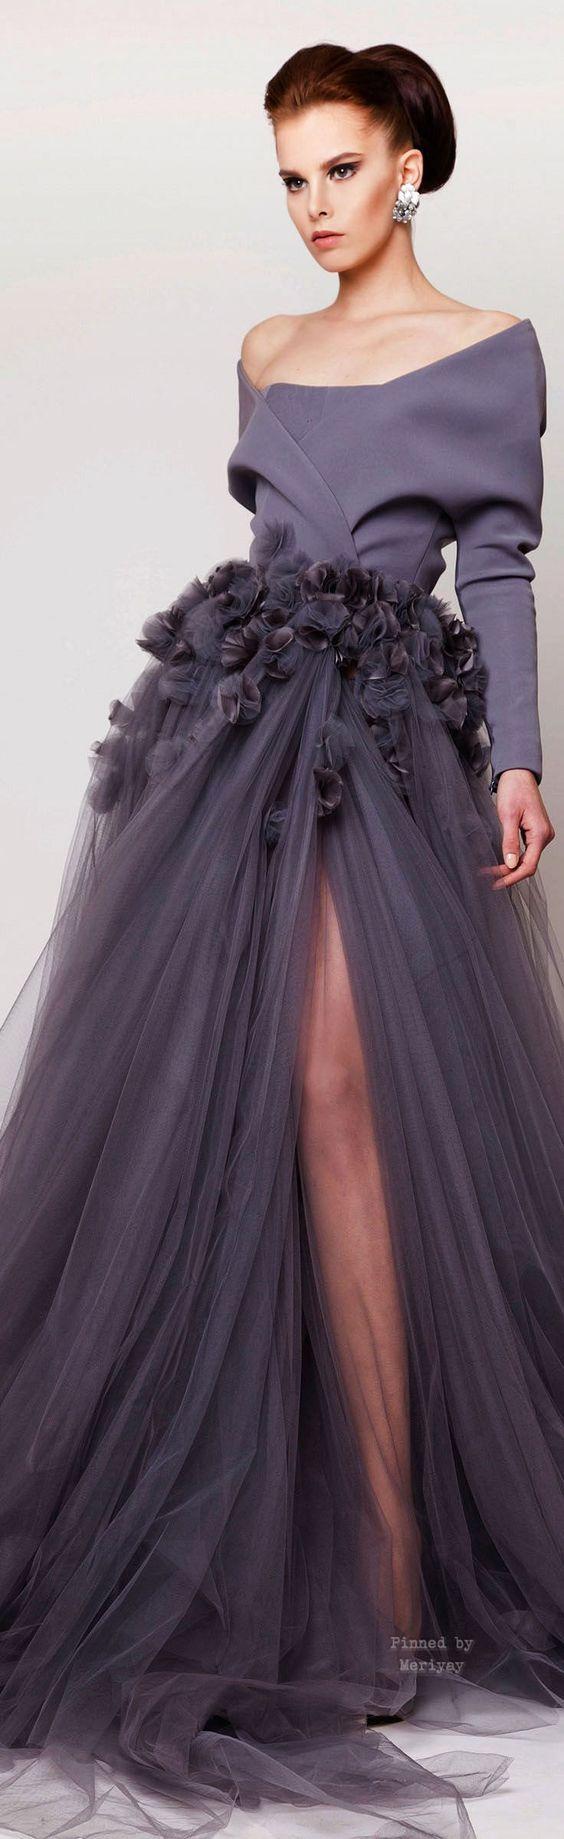 Increíble Vestidos De Dama Interesantes Elaboración - Vestido de ...